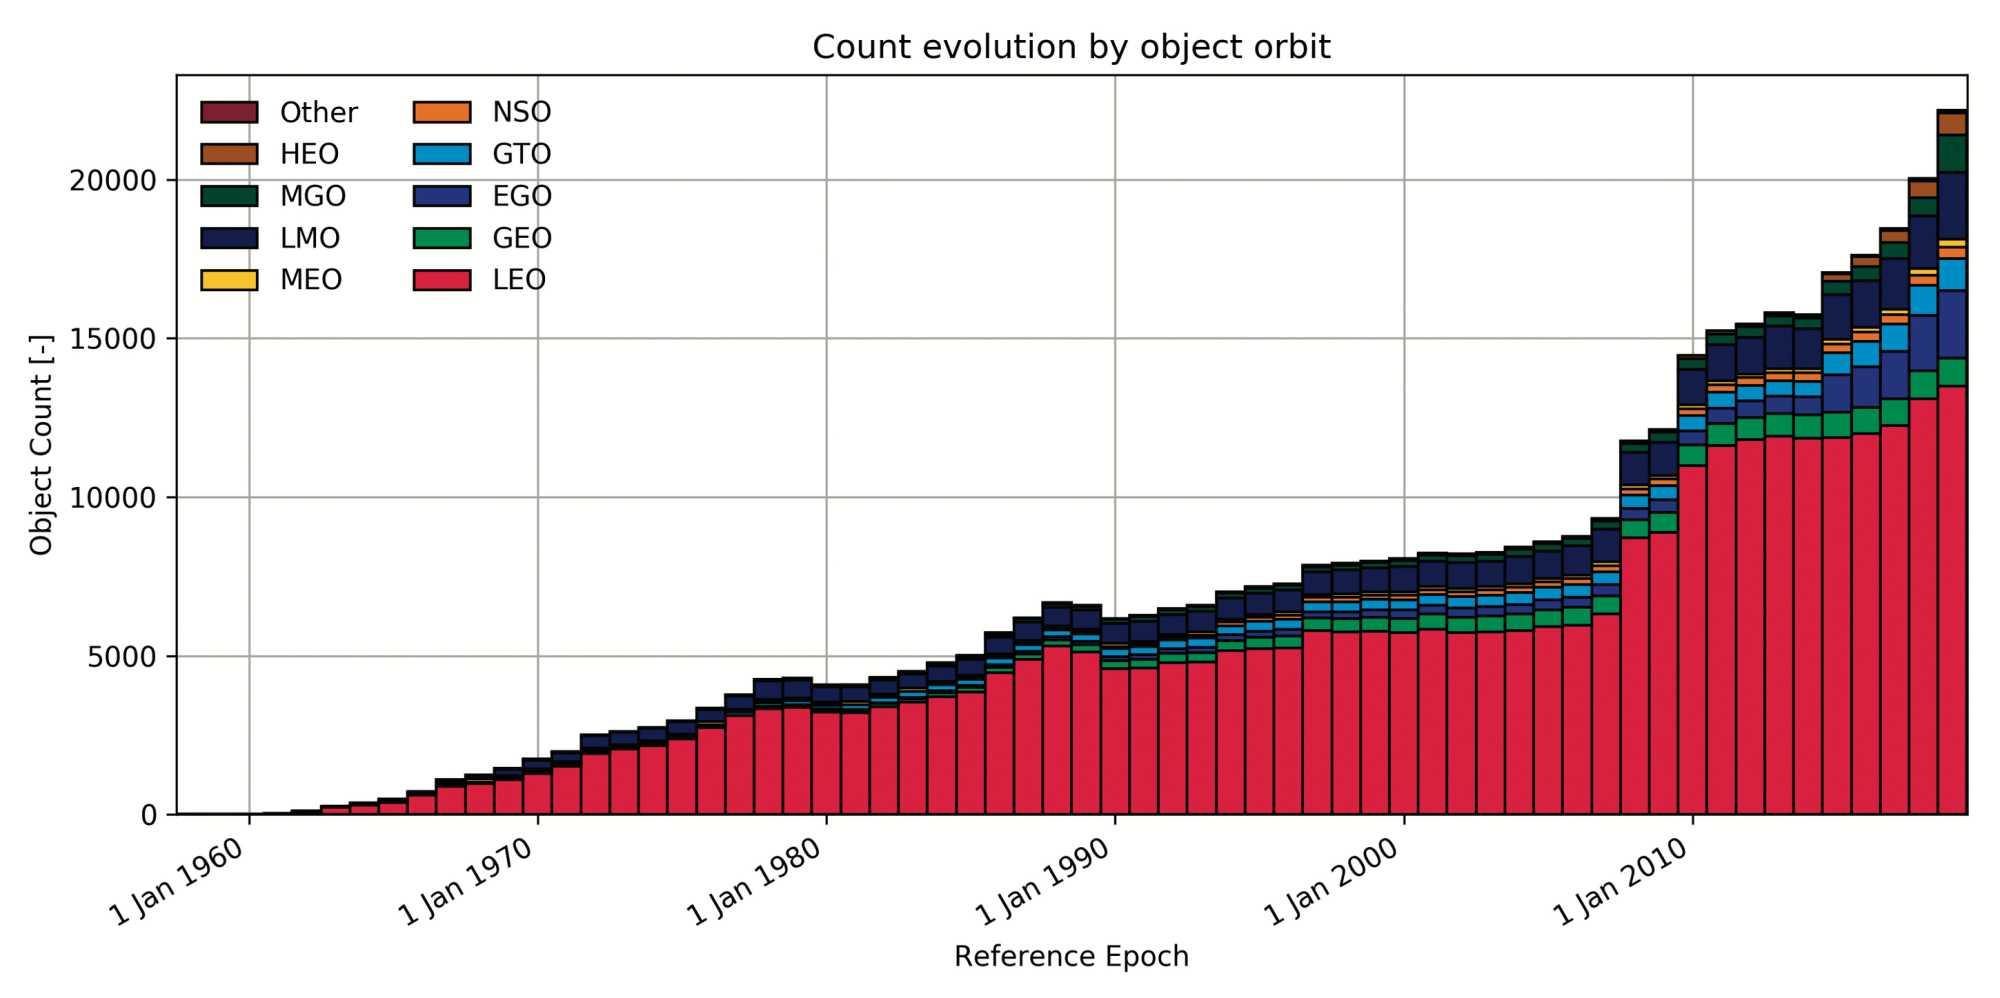 Die Zahl der größeren Objekte im Erdorbit ist auf mehr als 25.000 angewachsen, die meisten davon auf erdnahen Bahnen (LEO, rot).